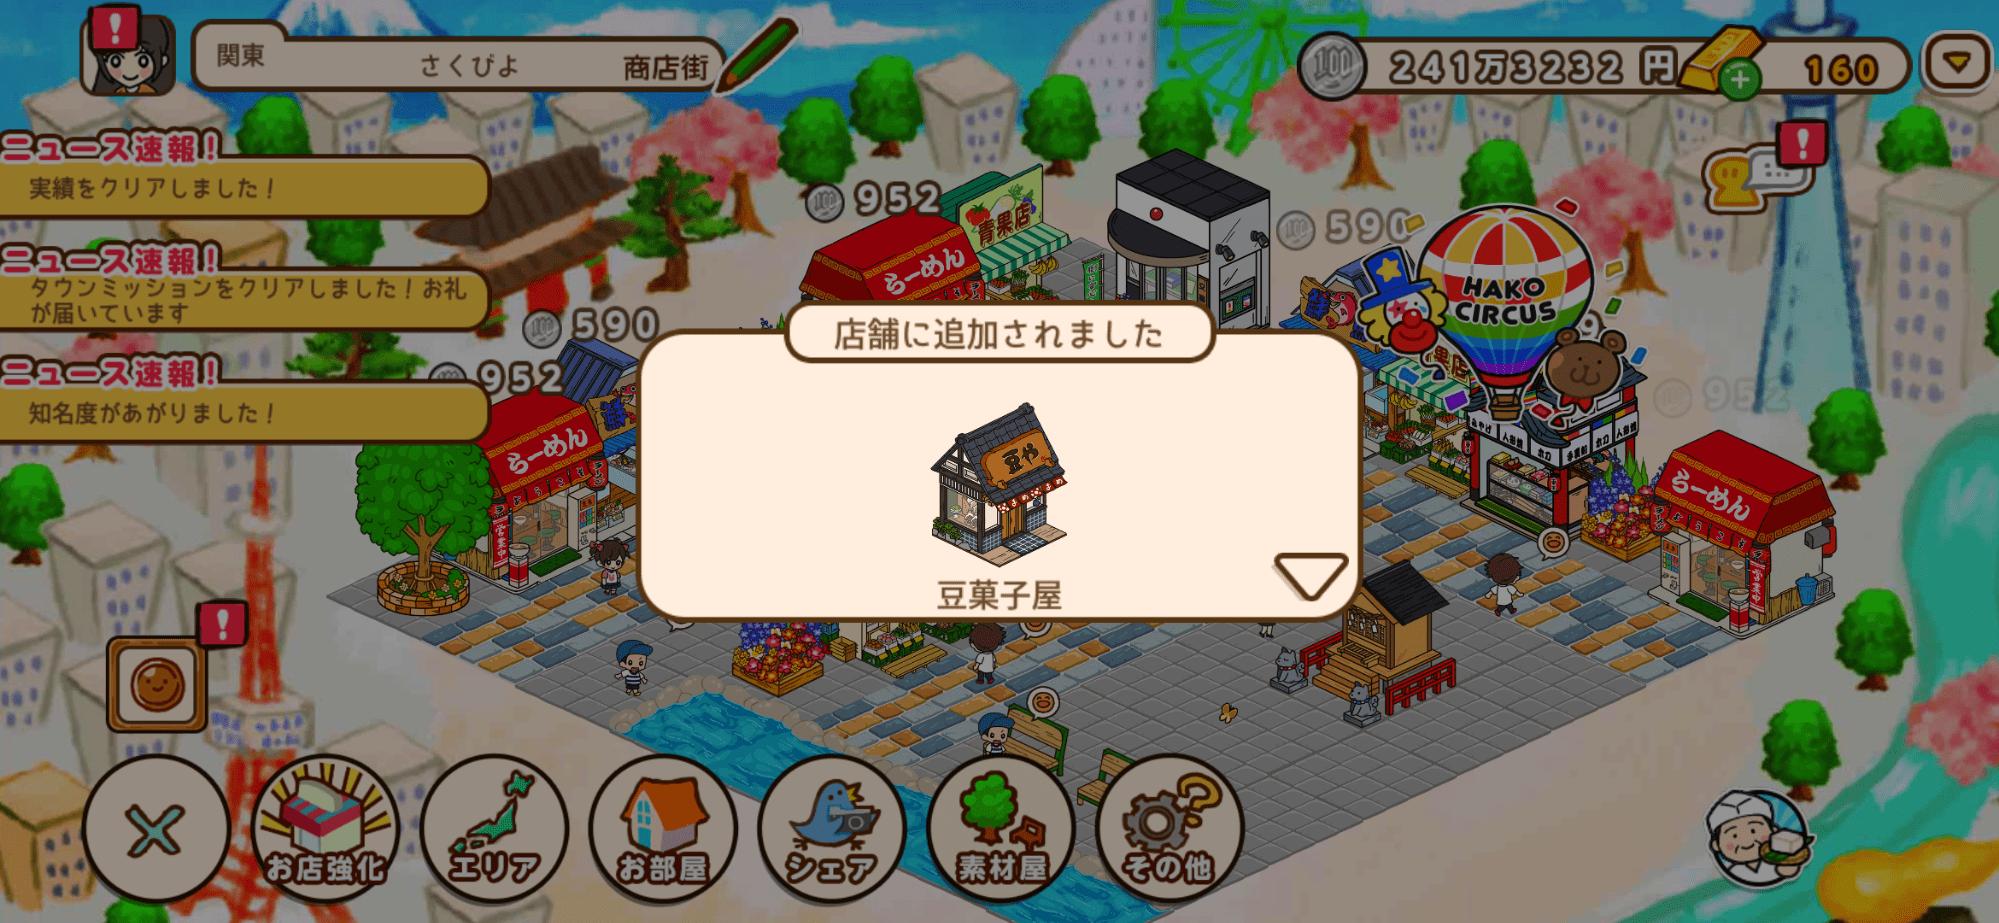 箱庭商店街は道路や川も引ける街づくりシミュレーション!